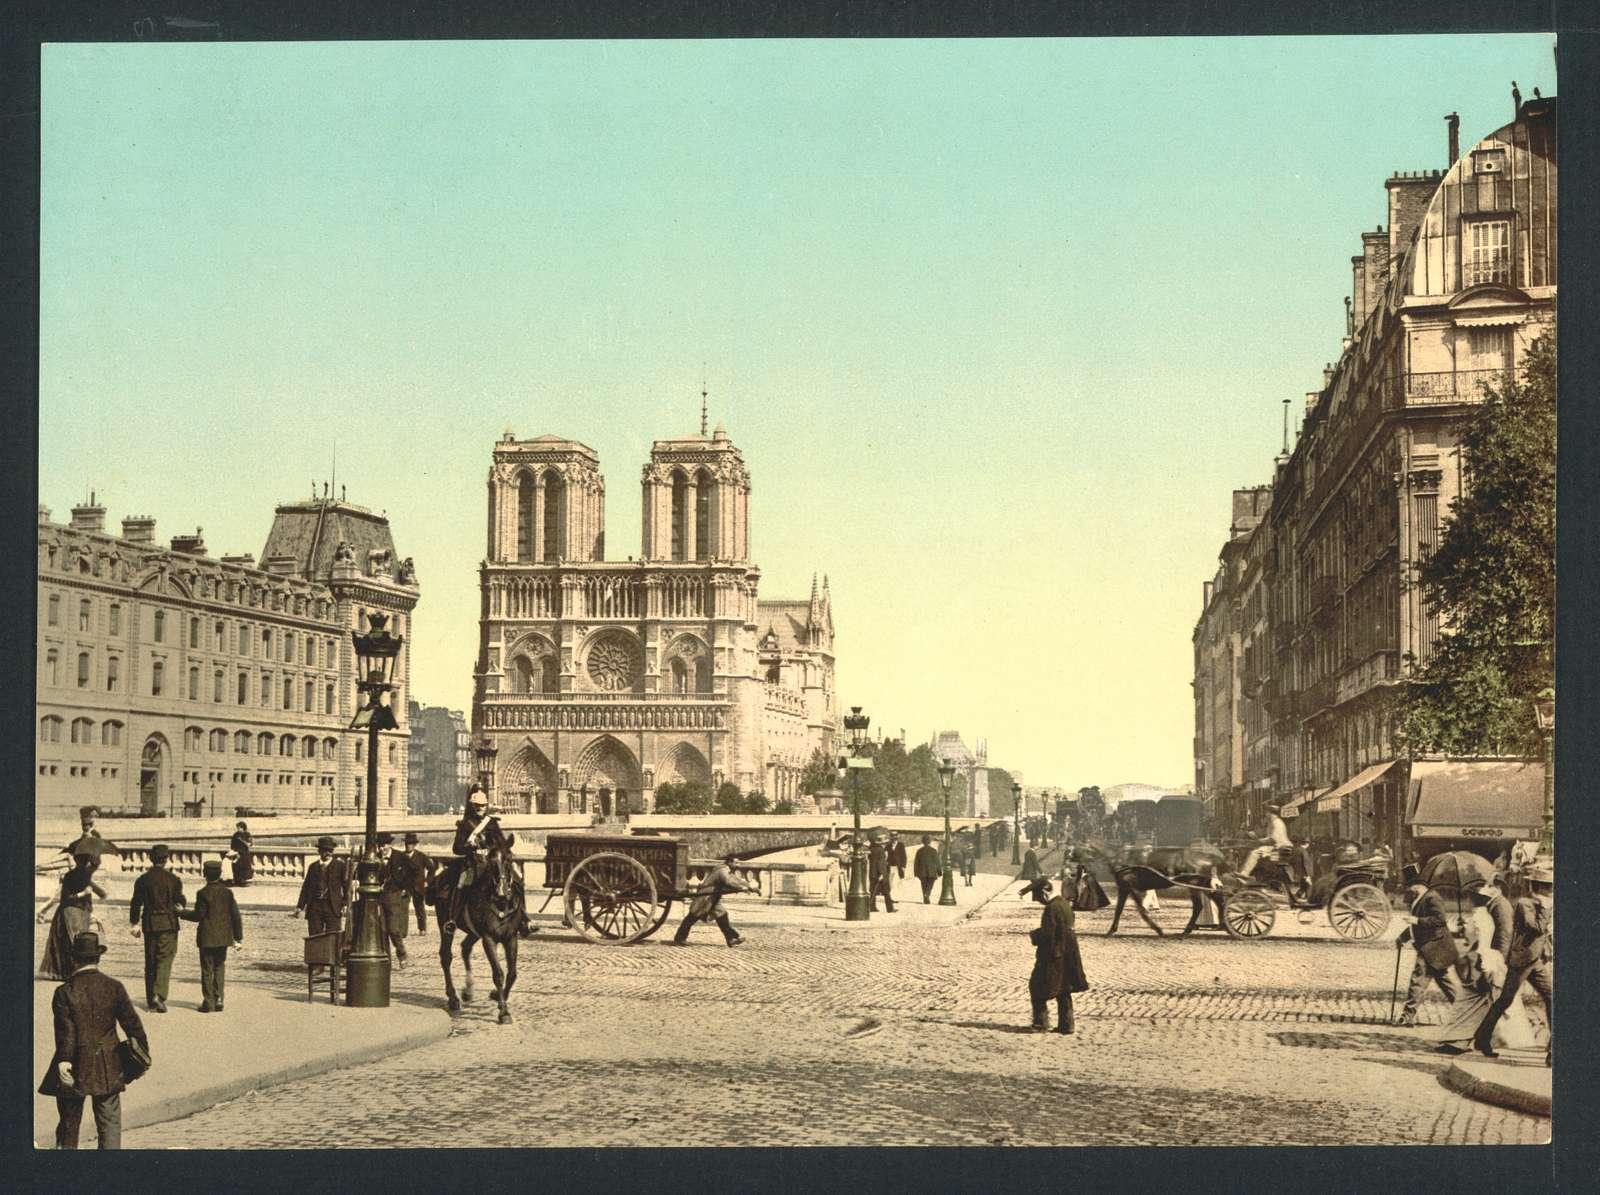 [Notre Dame, and St. Michael bridge, Paris, France]